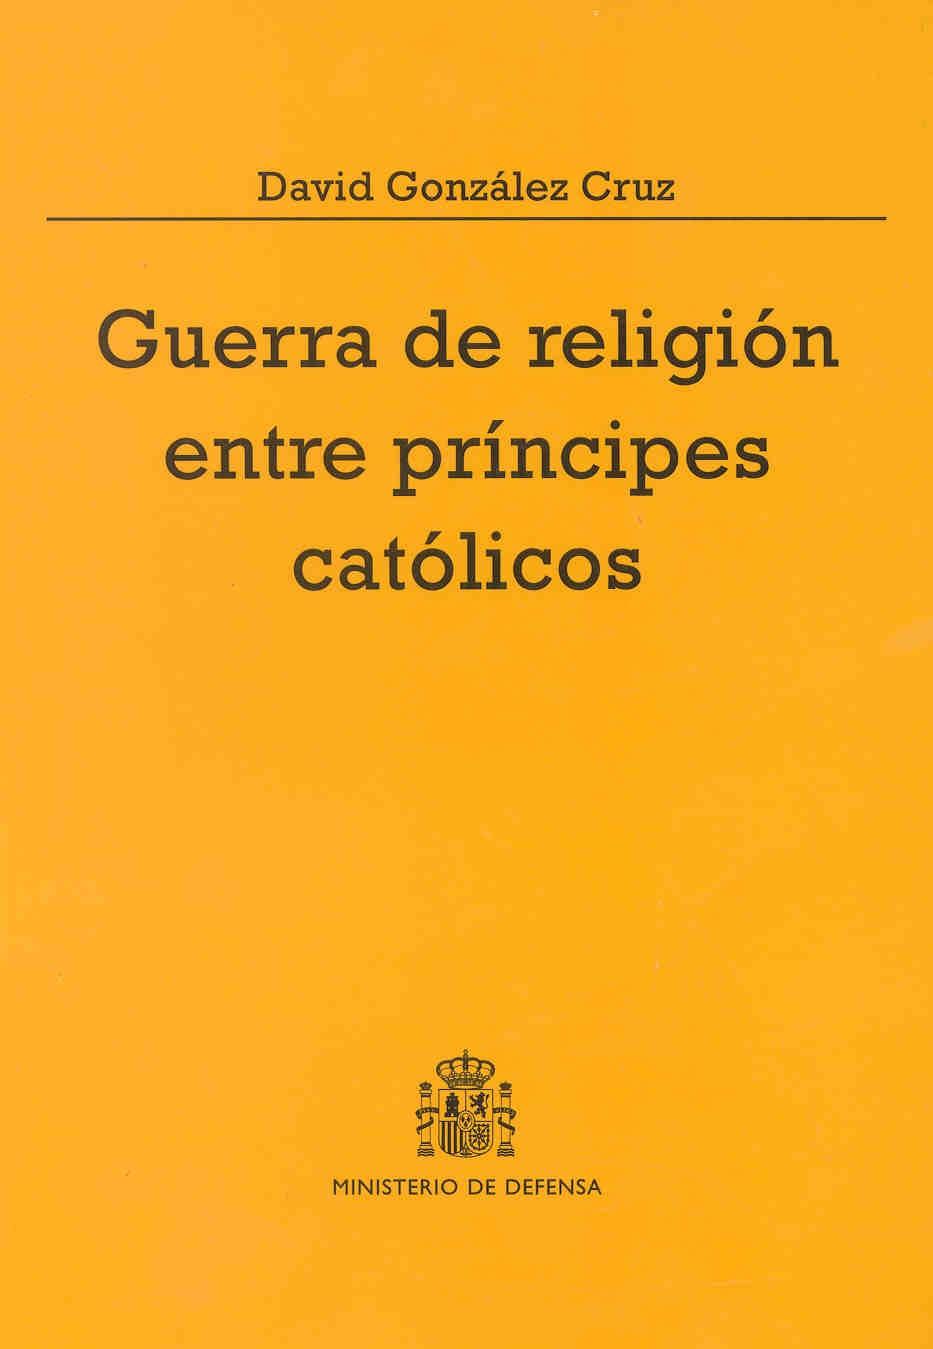 GUERRA DE RELIGIÓN ENTRE PRÍNCIPES CATÓLICOS